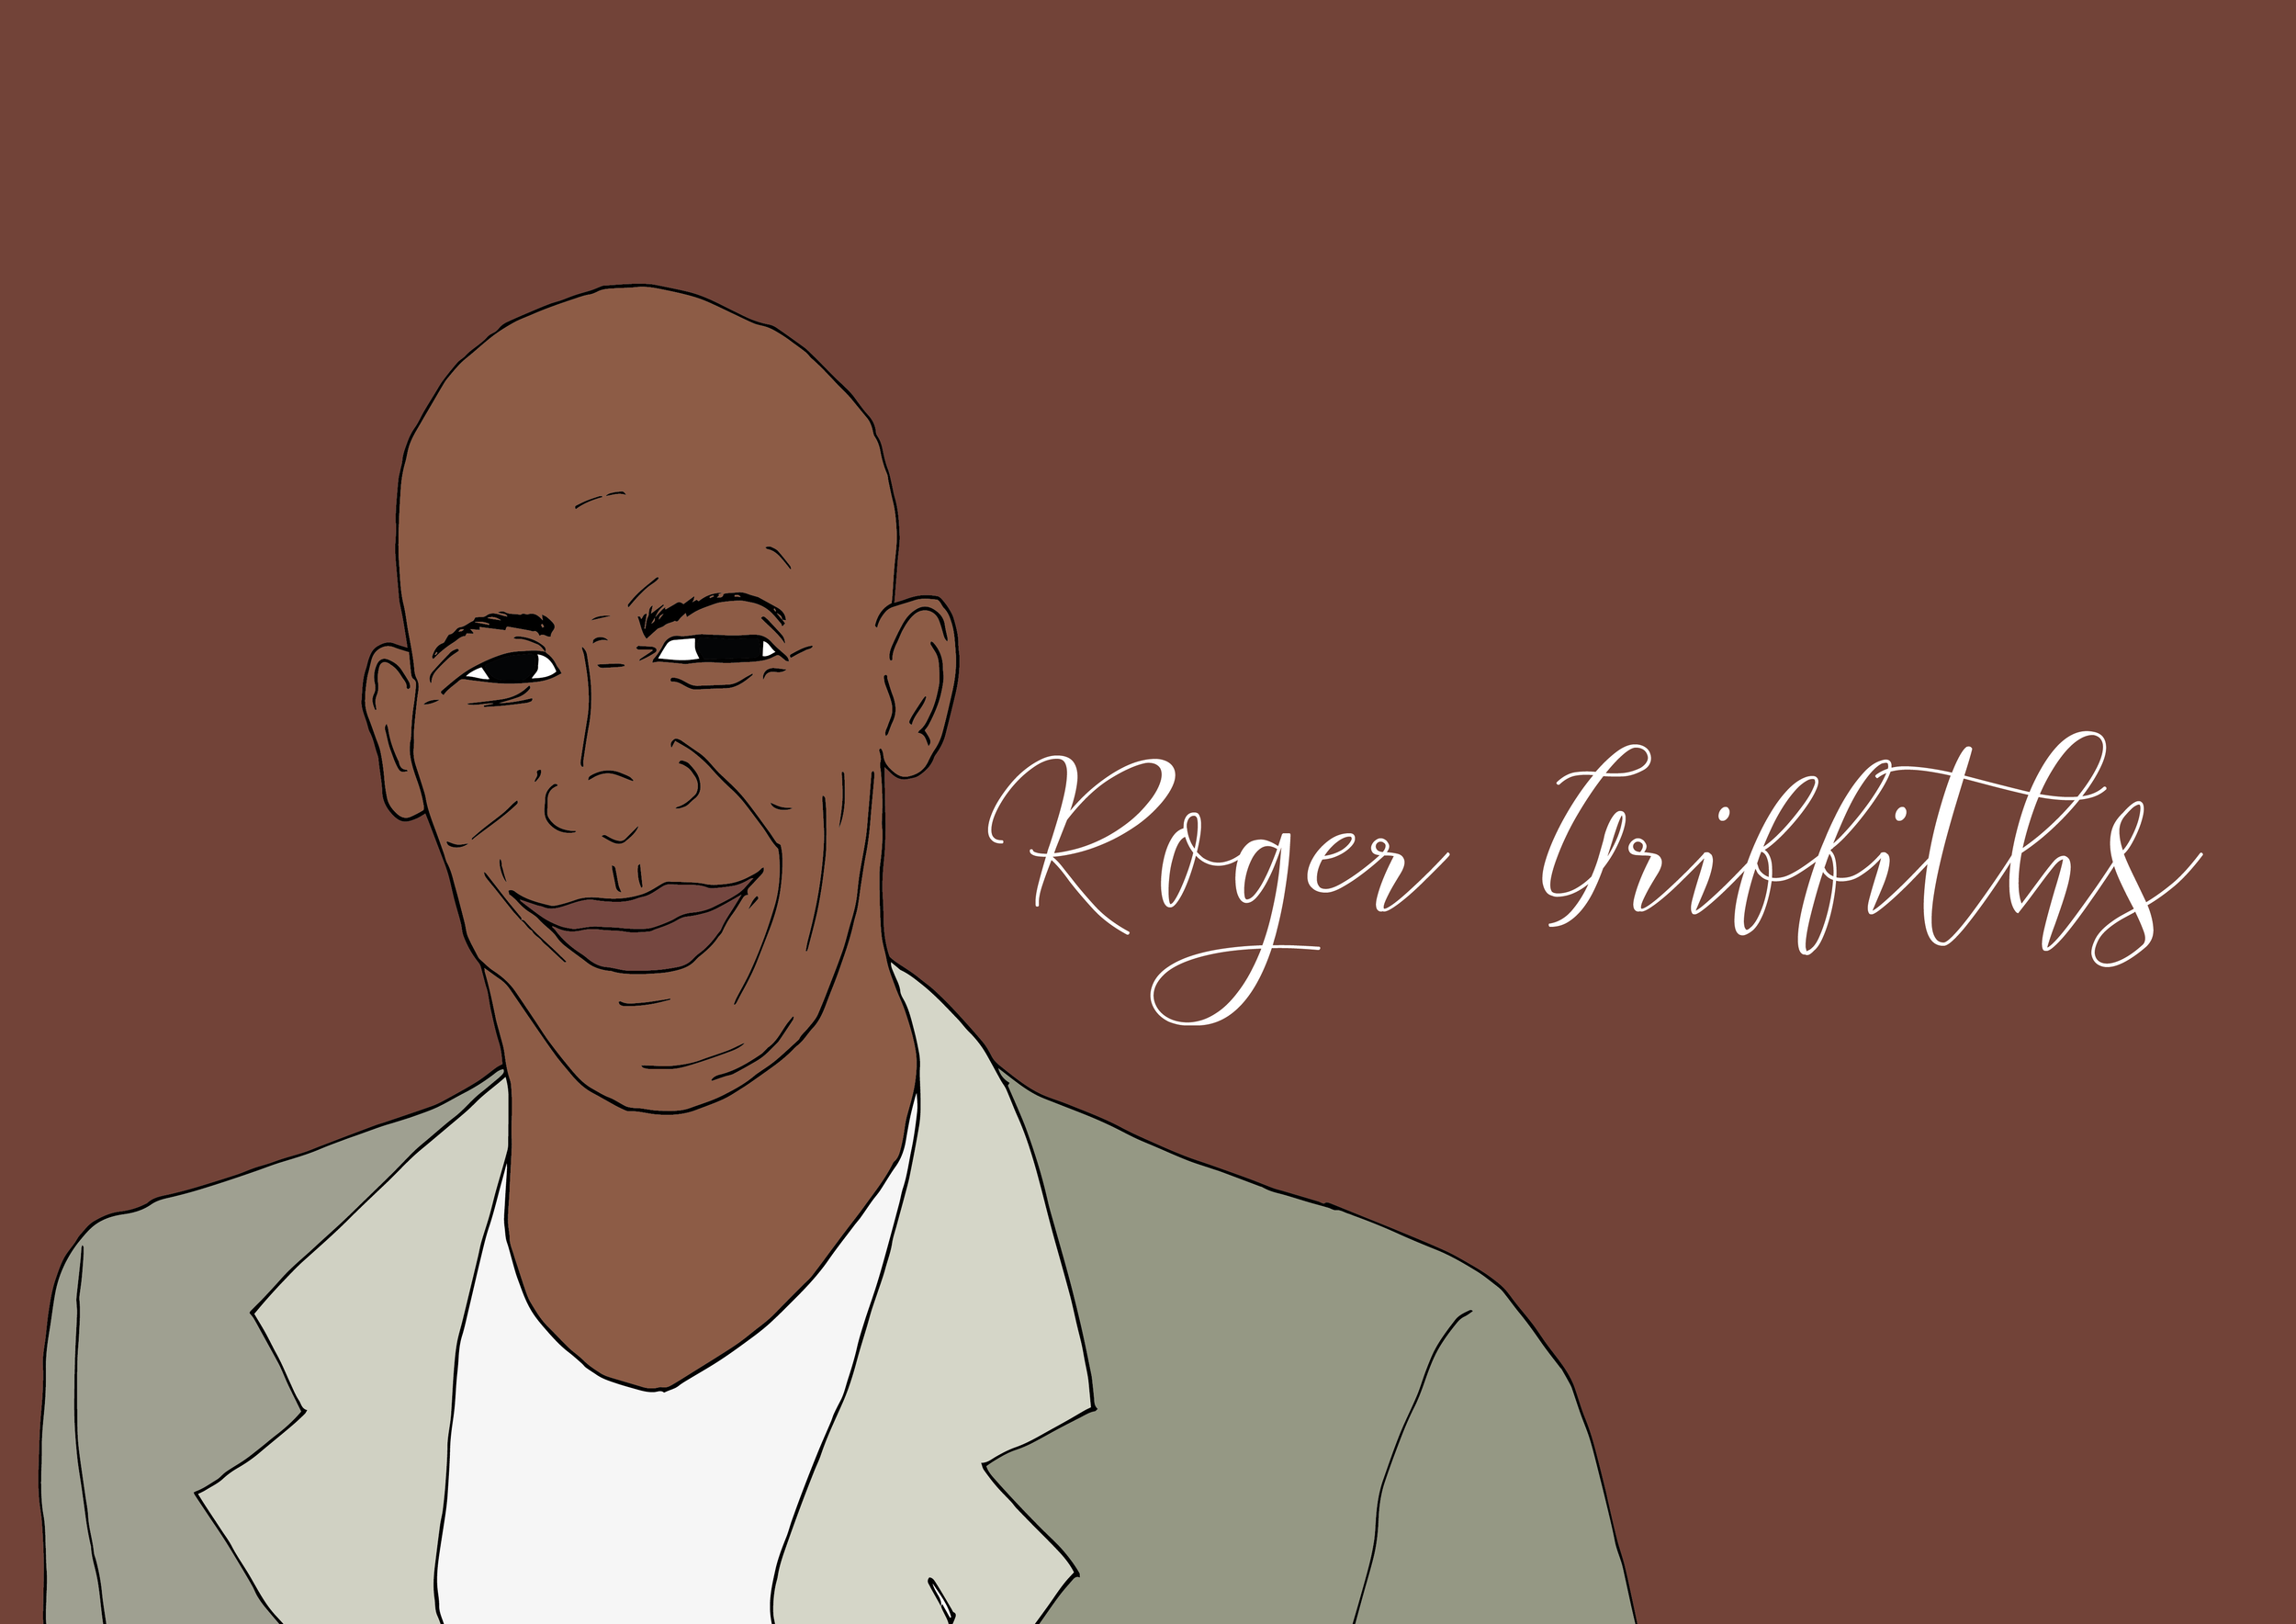 roger grif for websiter-01.png